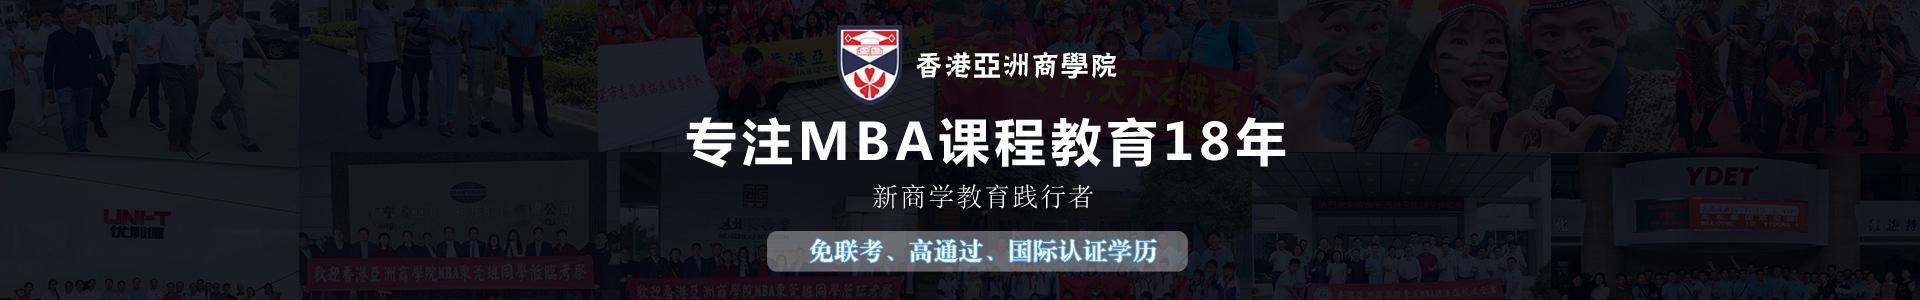 成都亞商學院MBA培訓